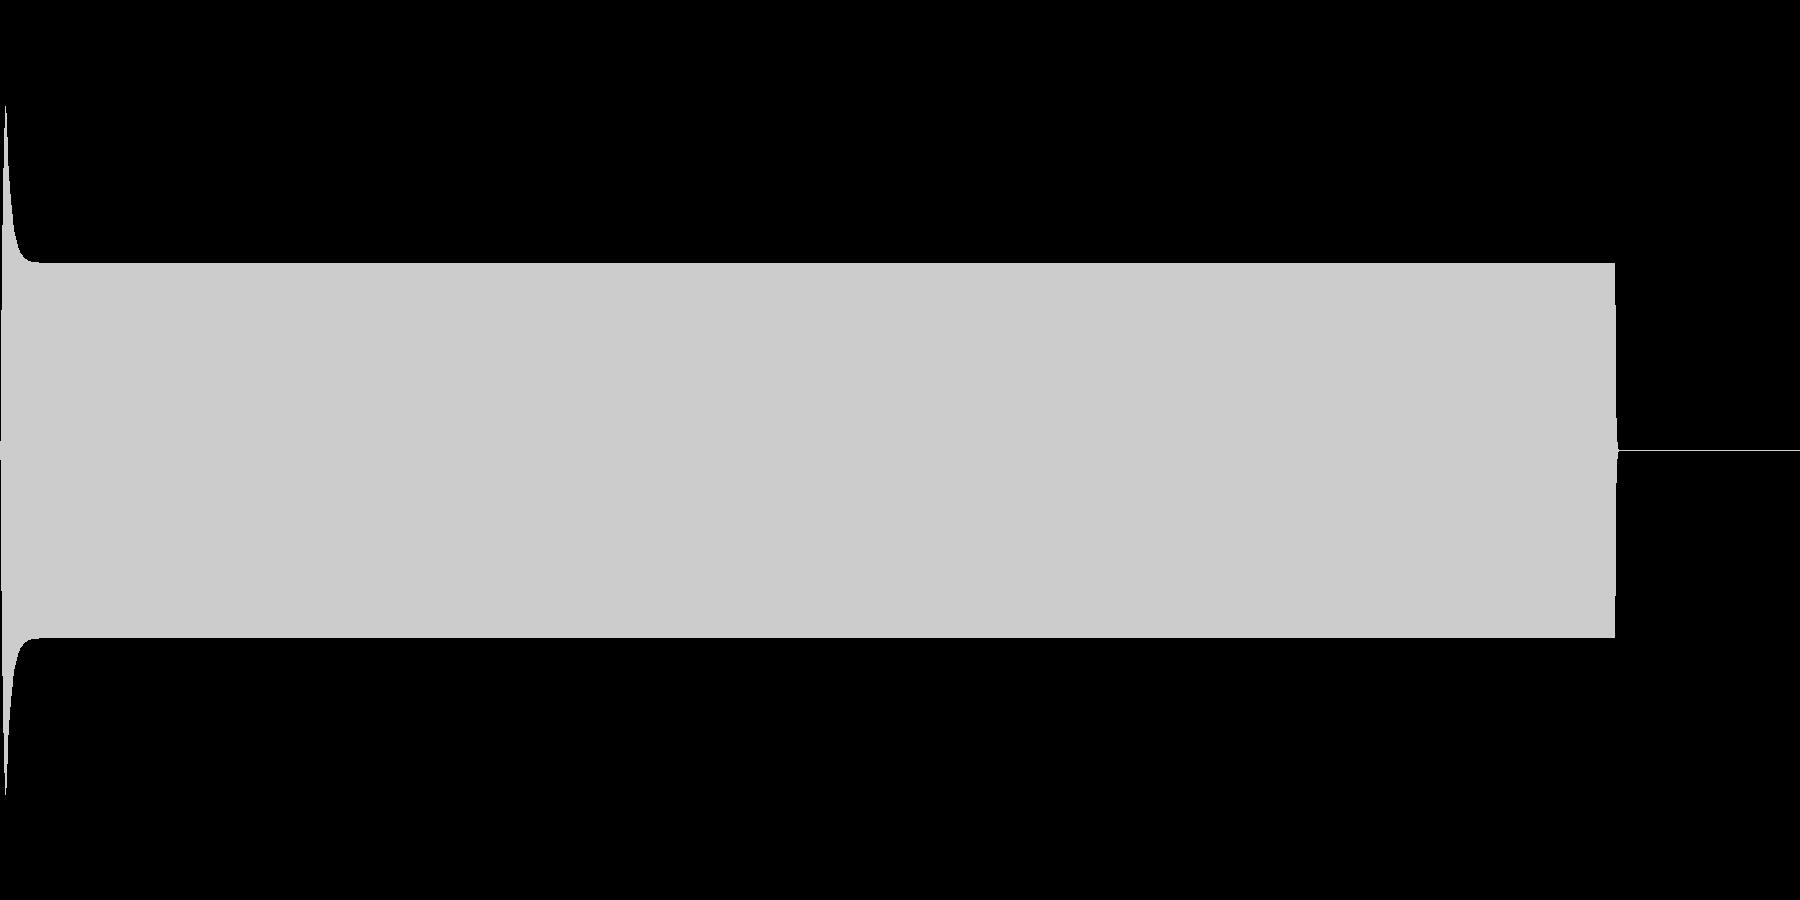 長めのピー音(自主規制音)の未再生の波形